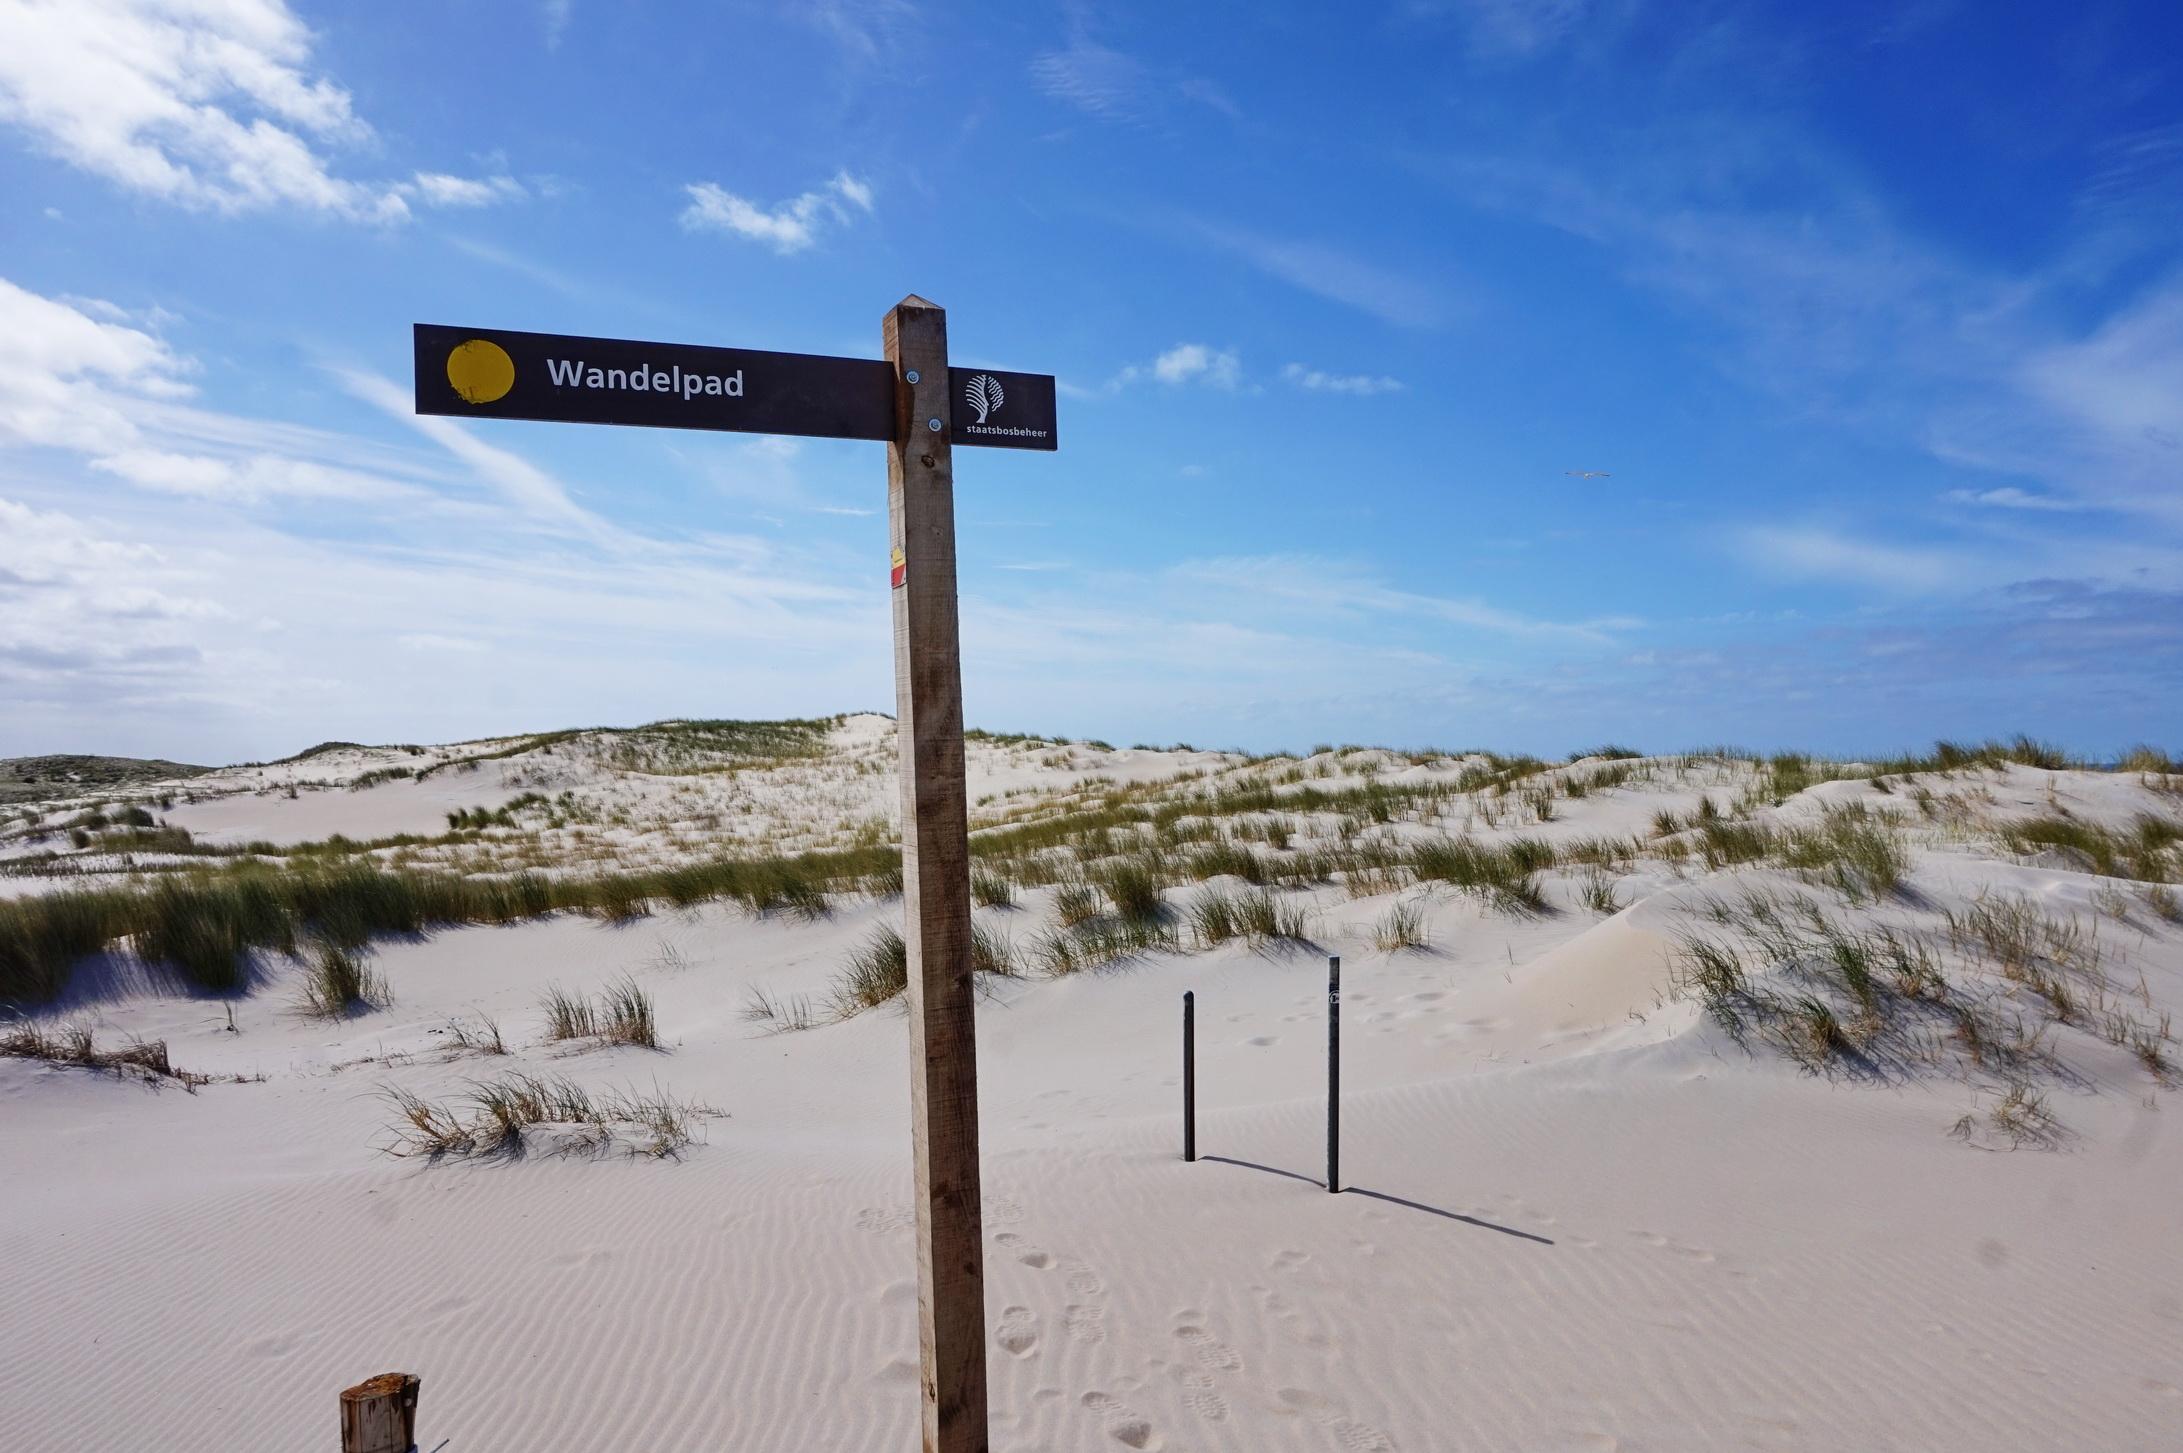 Texel - Strandspaziergang am Leuchtturm 12